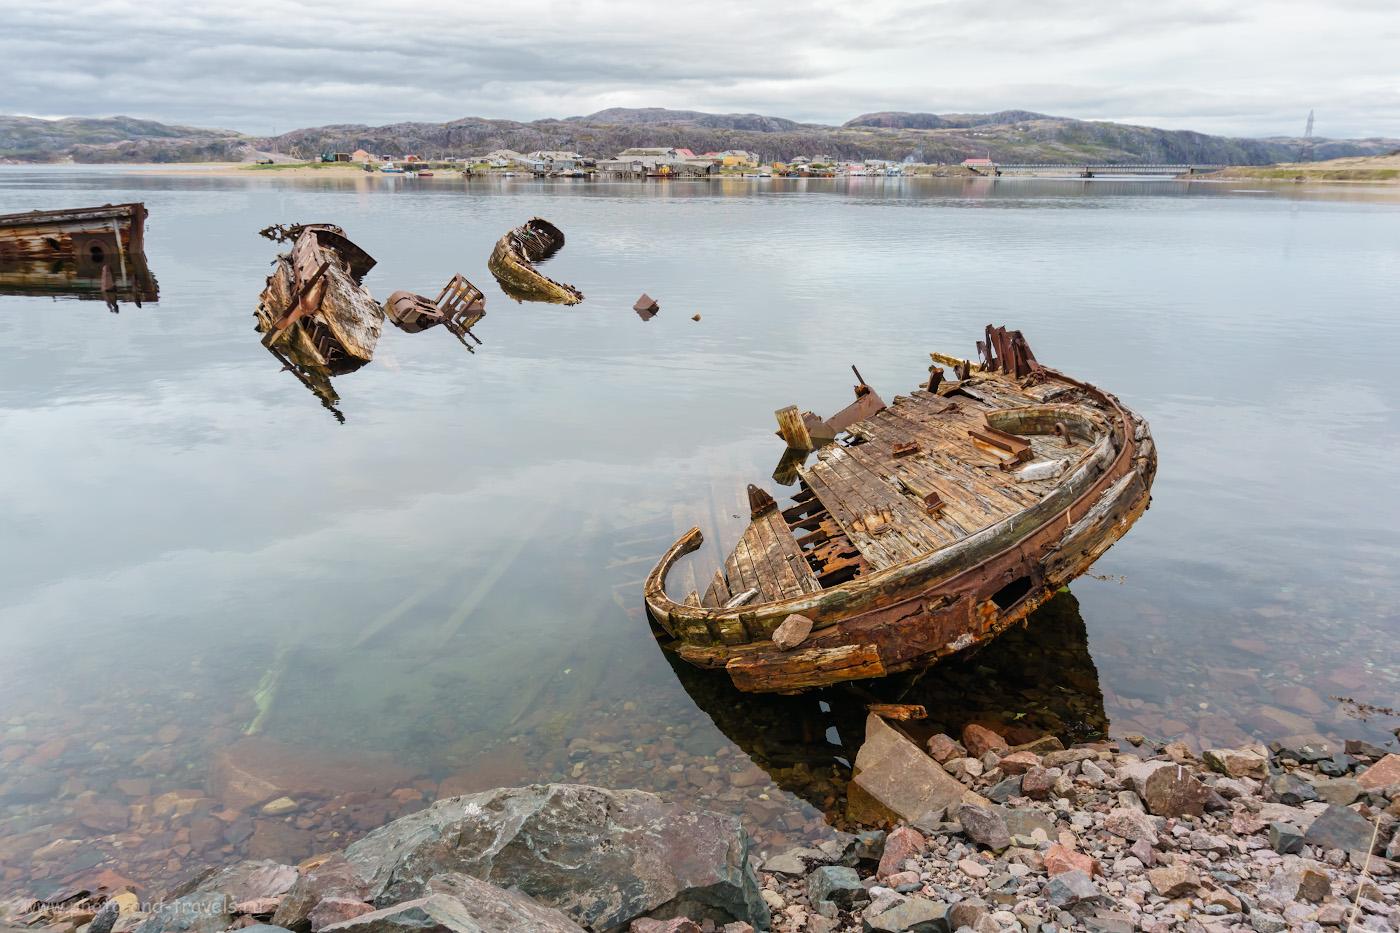 Фотография 44. Кладбище кораблей на фоне Старой Териберки. Рассказ о поездке из Мурманска на такси к берегу Баренцева моря.